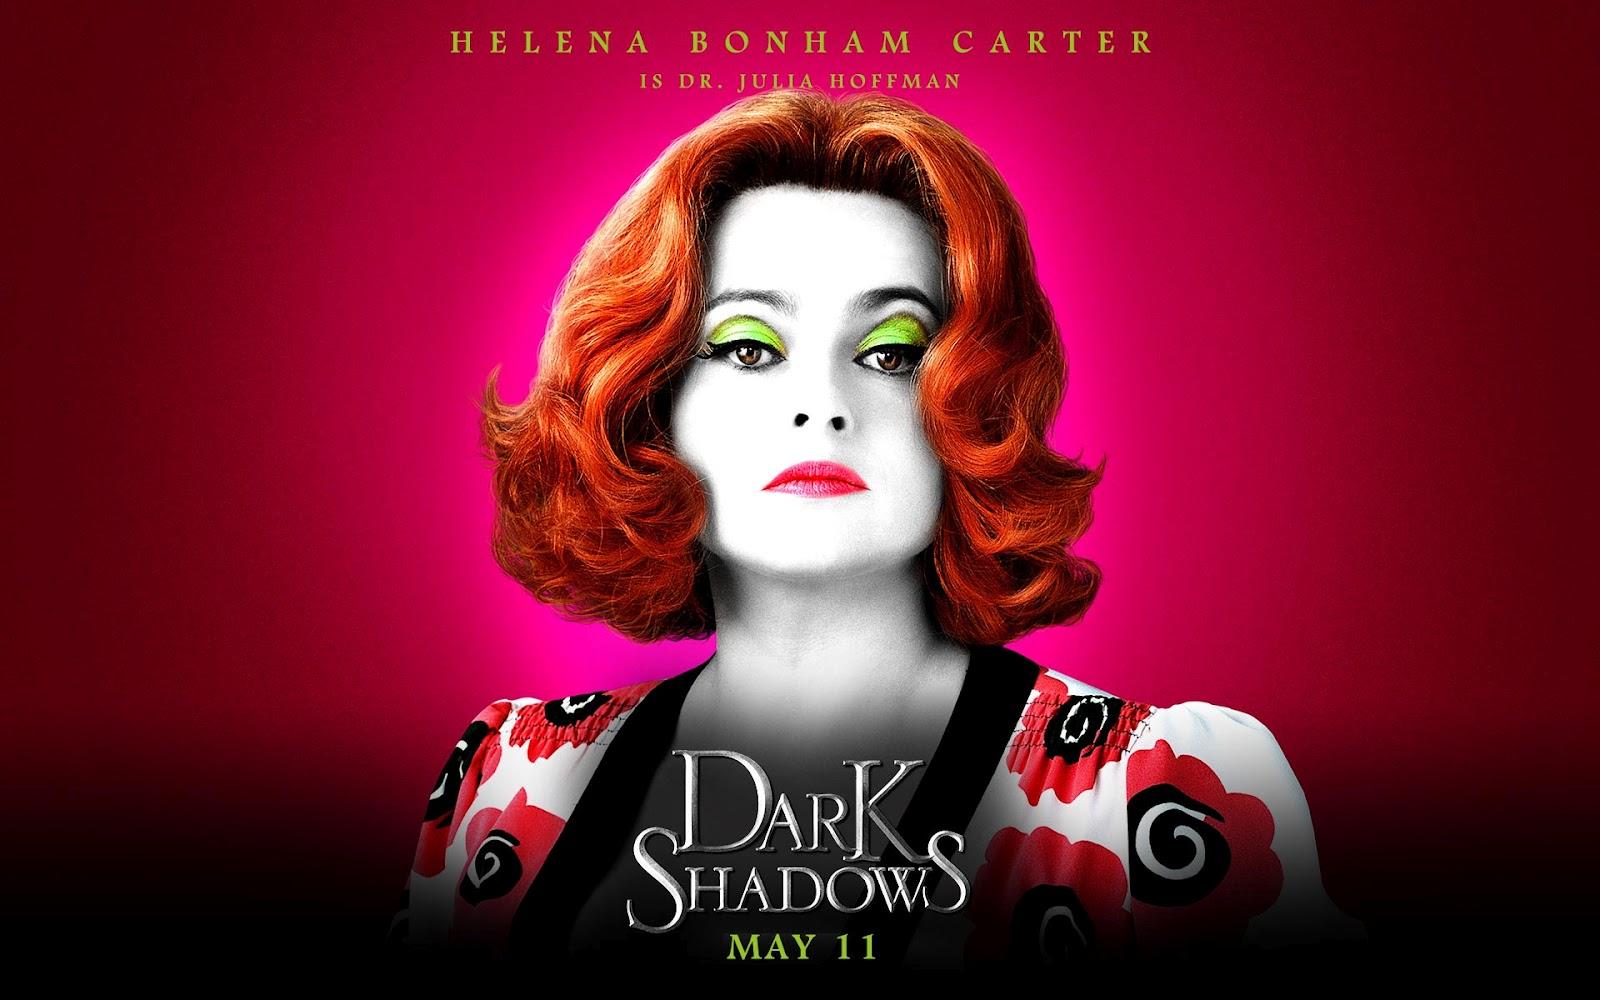 http://3.bp.blogspot.com/-sp0mWgh-_Vw/T7KeJ-pAIkI/AAAAAAAABxk/TTBWWAujXHg/s1600/Dark-Shadows-Character-Wallpaper_04.jpg